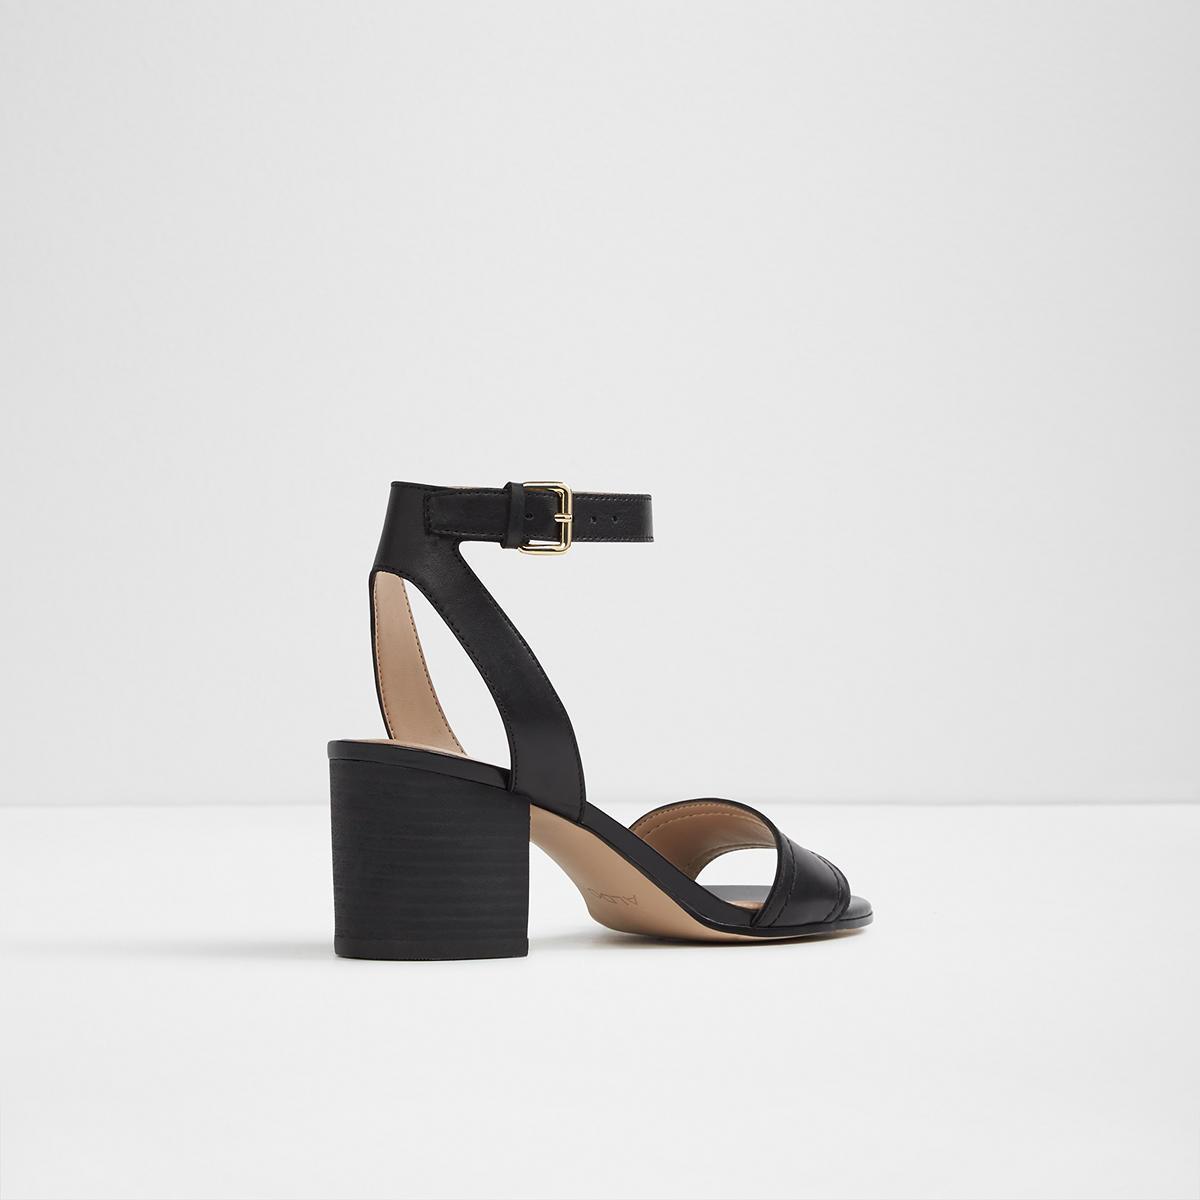 c1322743abd Lolla Black Women s Casual heels